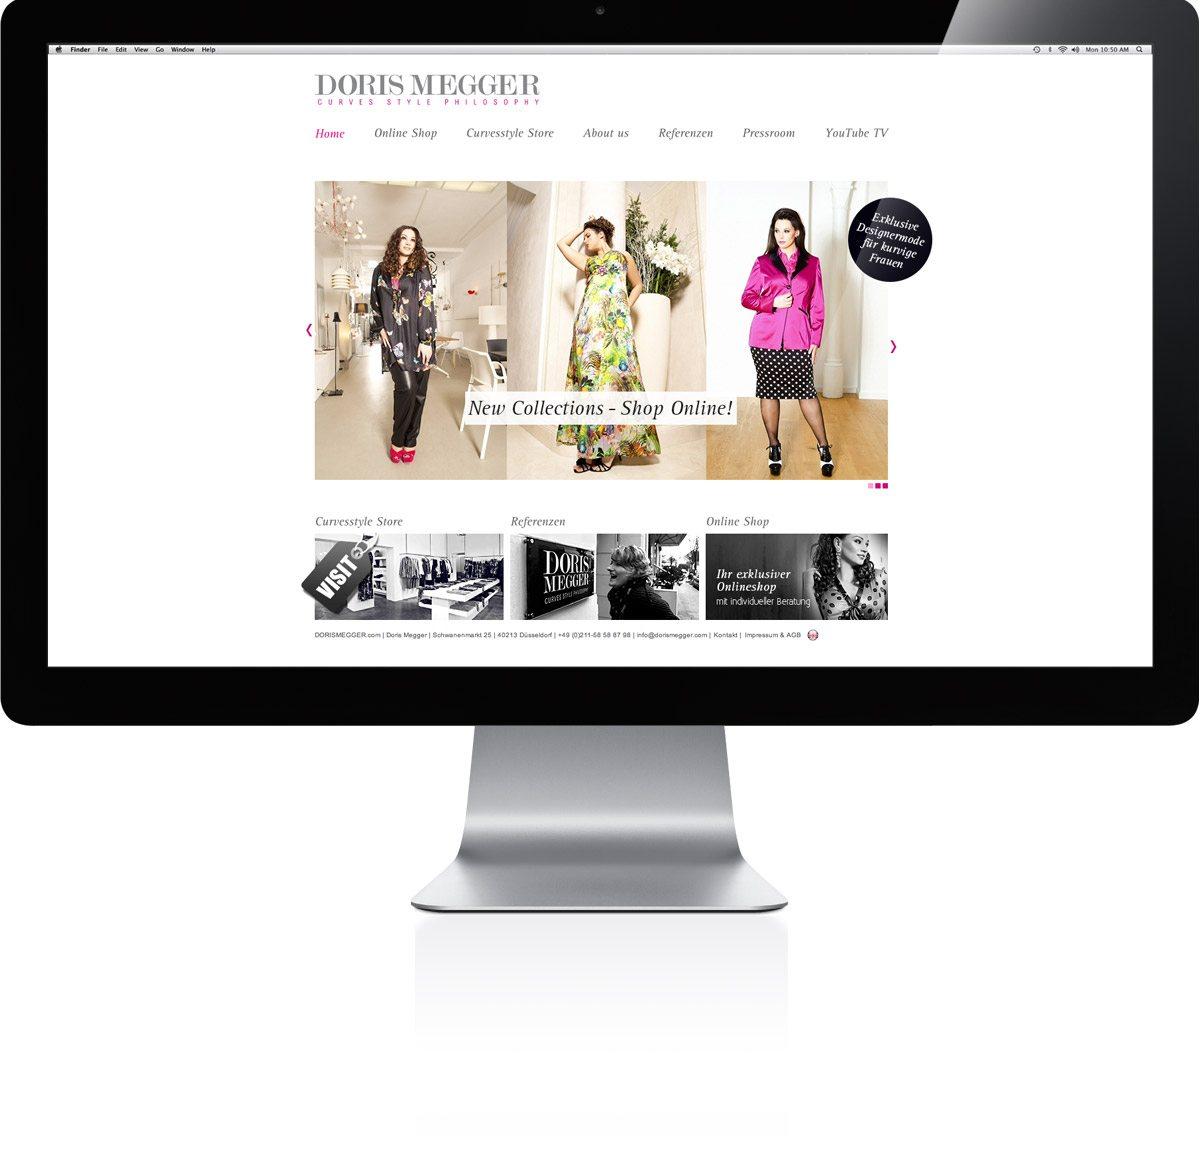 Doris Megger - curvesstyle.com Darstellung auf dem iMac